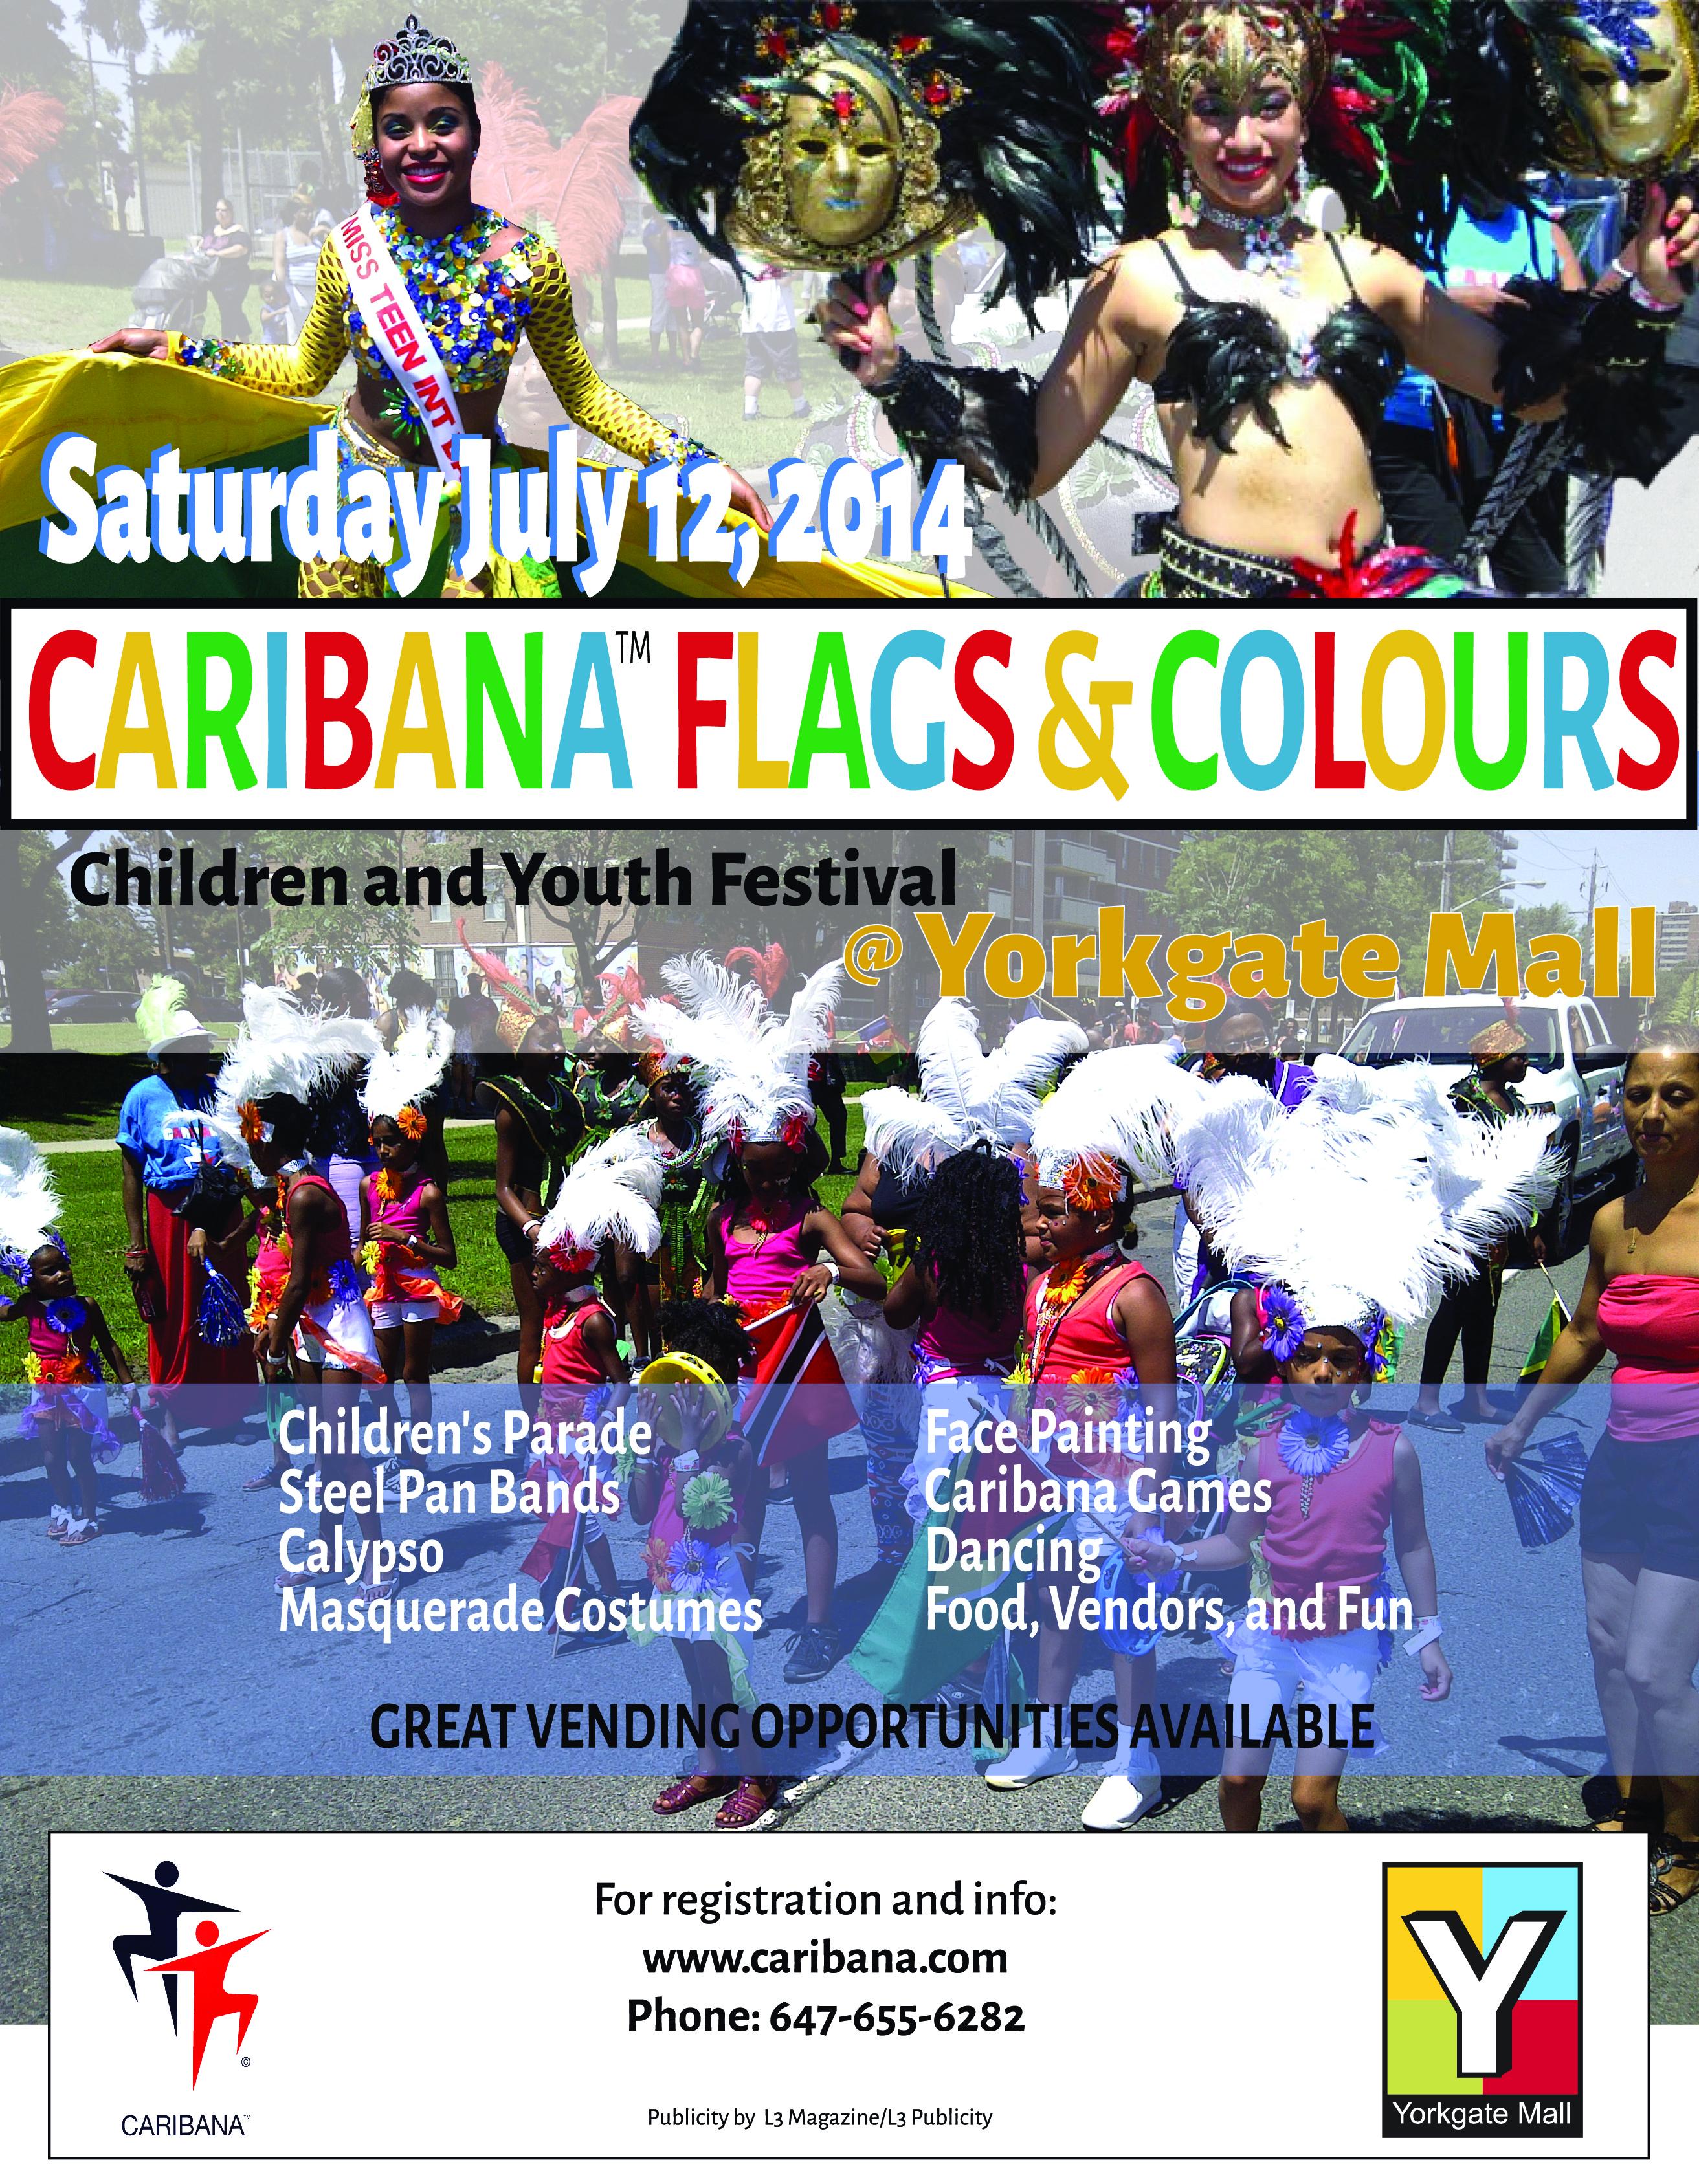 Caribana's Flags and Colours Parade celebrates 15 year aniversary